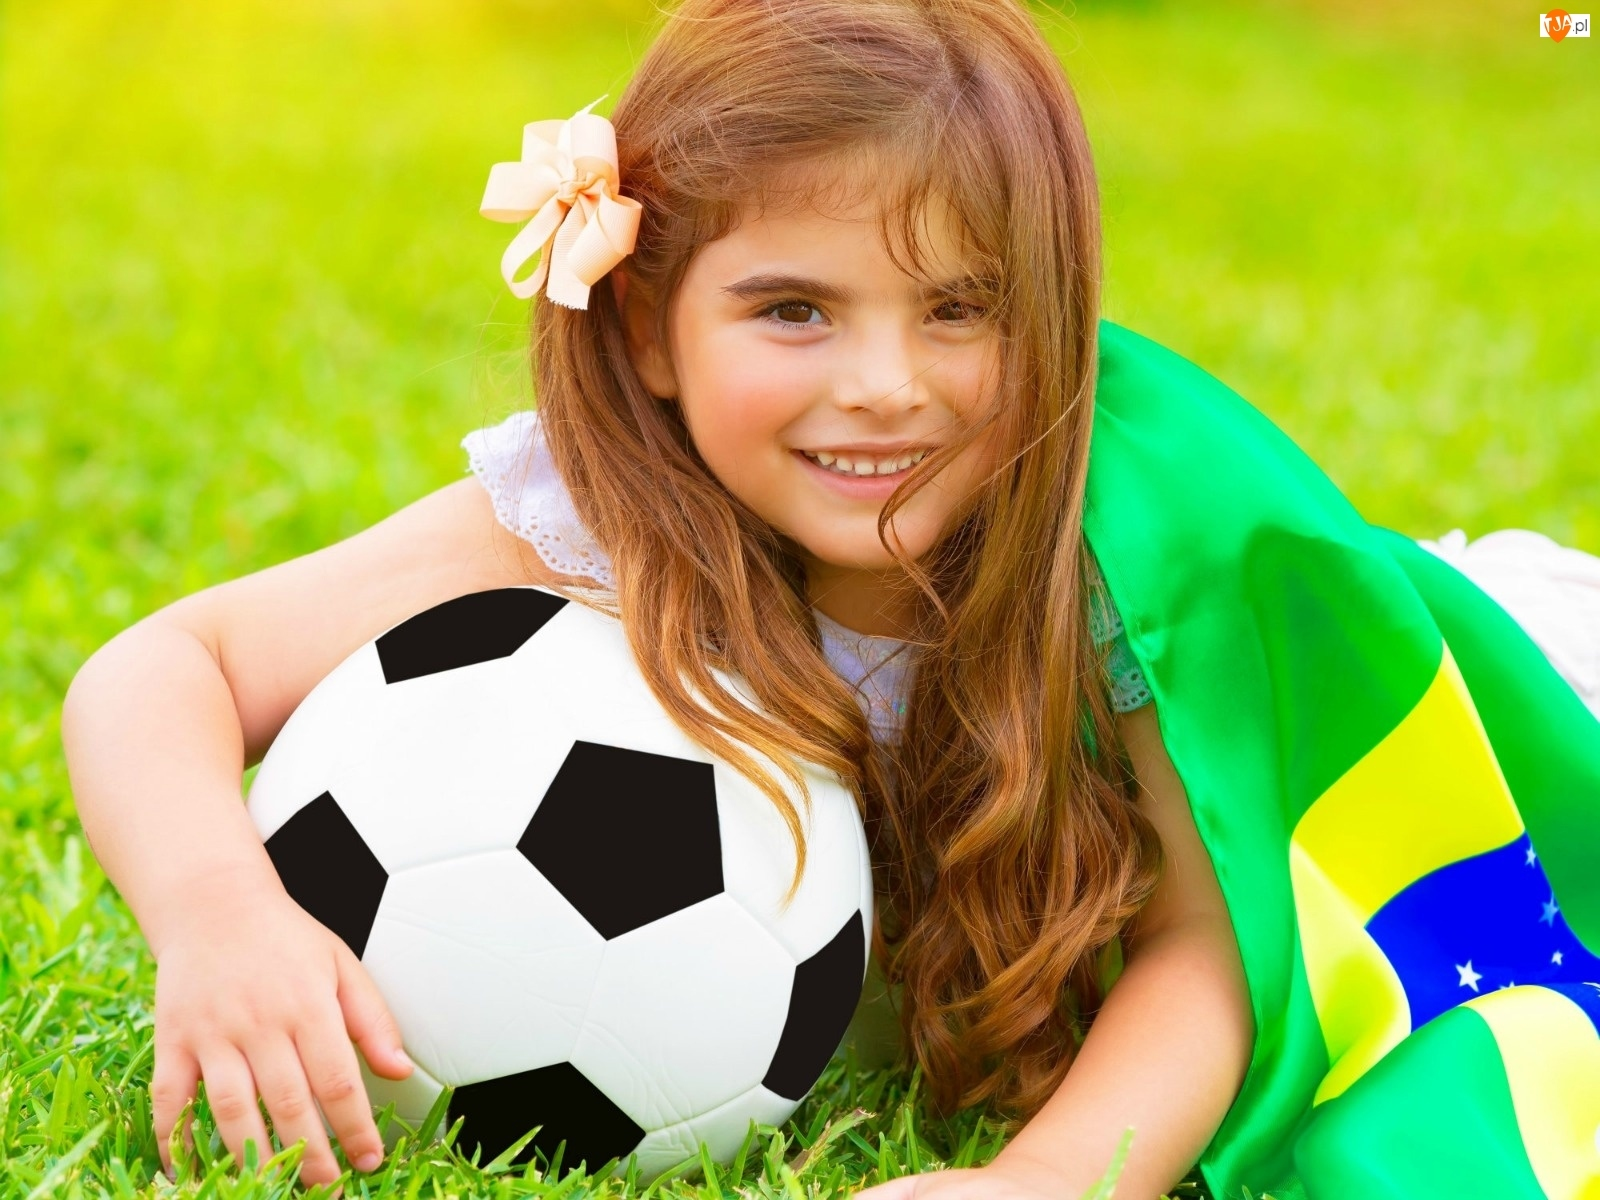 Świata, Brazylijska, Piłka, Dziewczynka, 2014, Flaga, Mistrzostwa